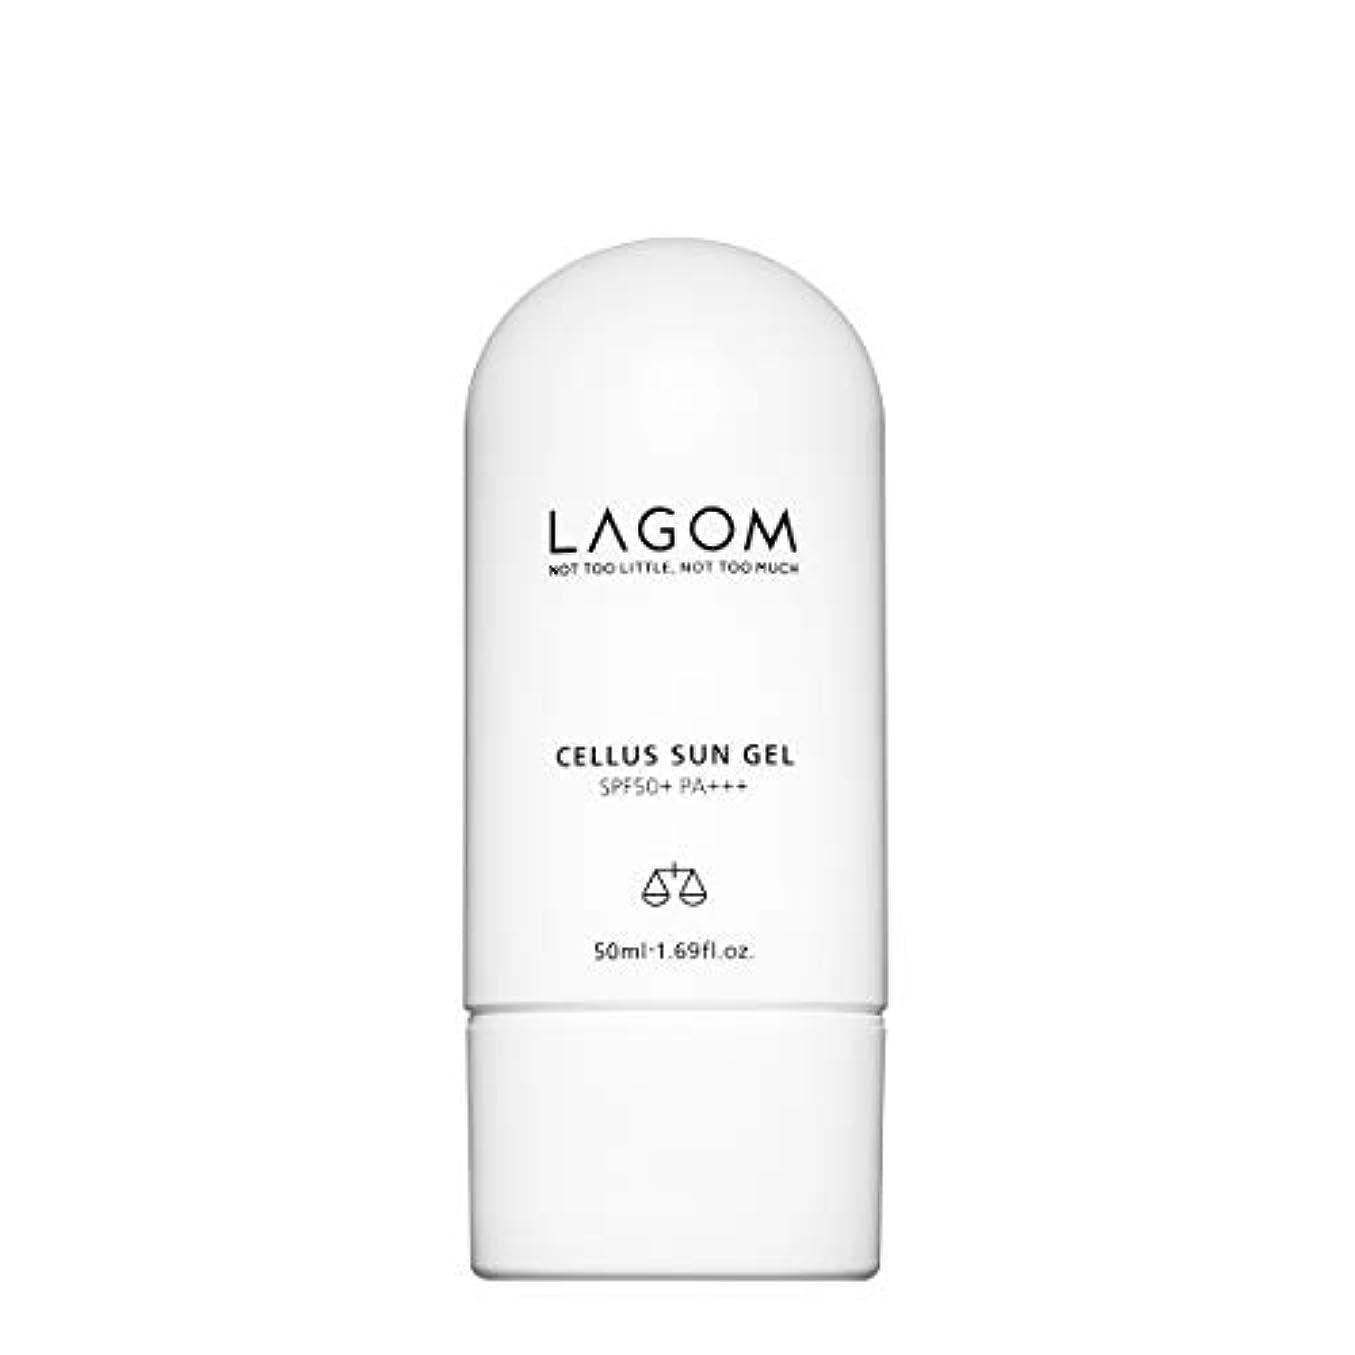 マウントバンク厳密に塊LAGOM(ラゴム) ラゴム サンジェル 50ml (日焼け止め乳液) SPF50+/PA+++ 日本正規品